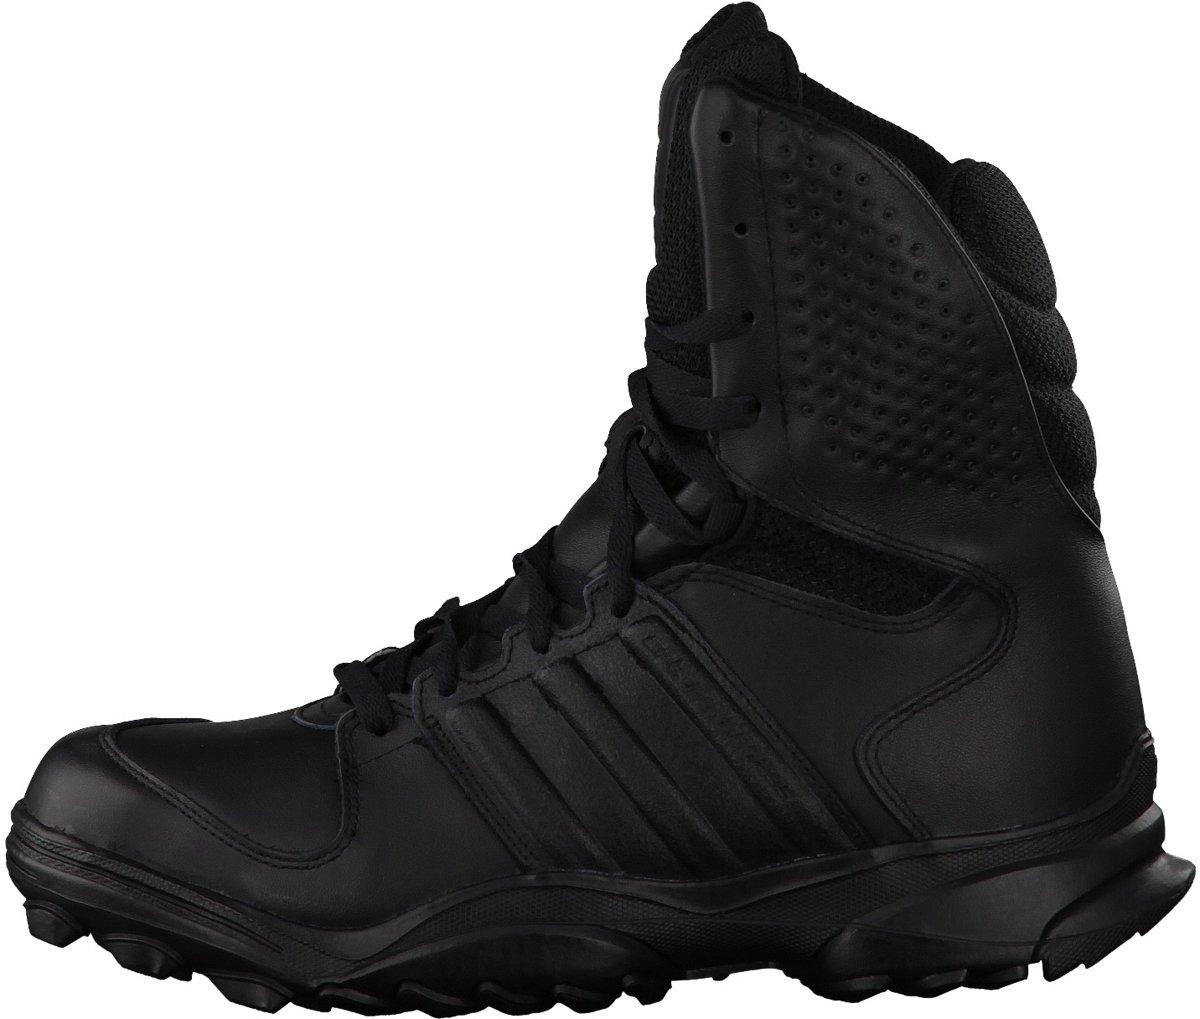 Adidas Gsg 9.2 Salut - Chaussures De Marche - Hommes - Taille 36 - Noir SGpSN